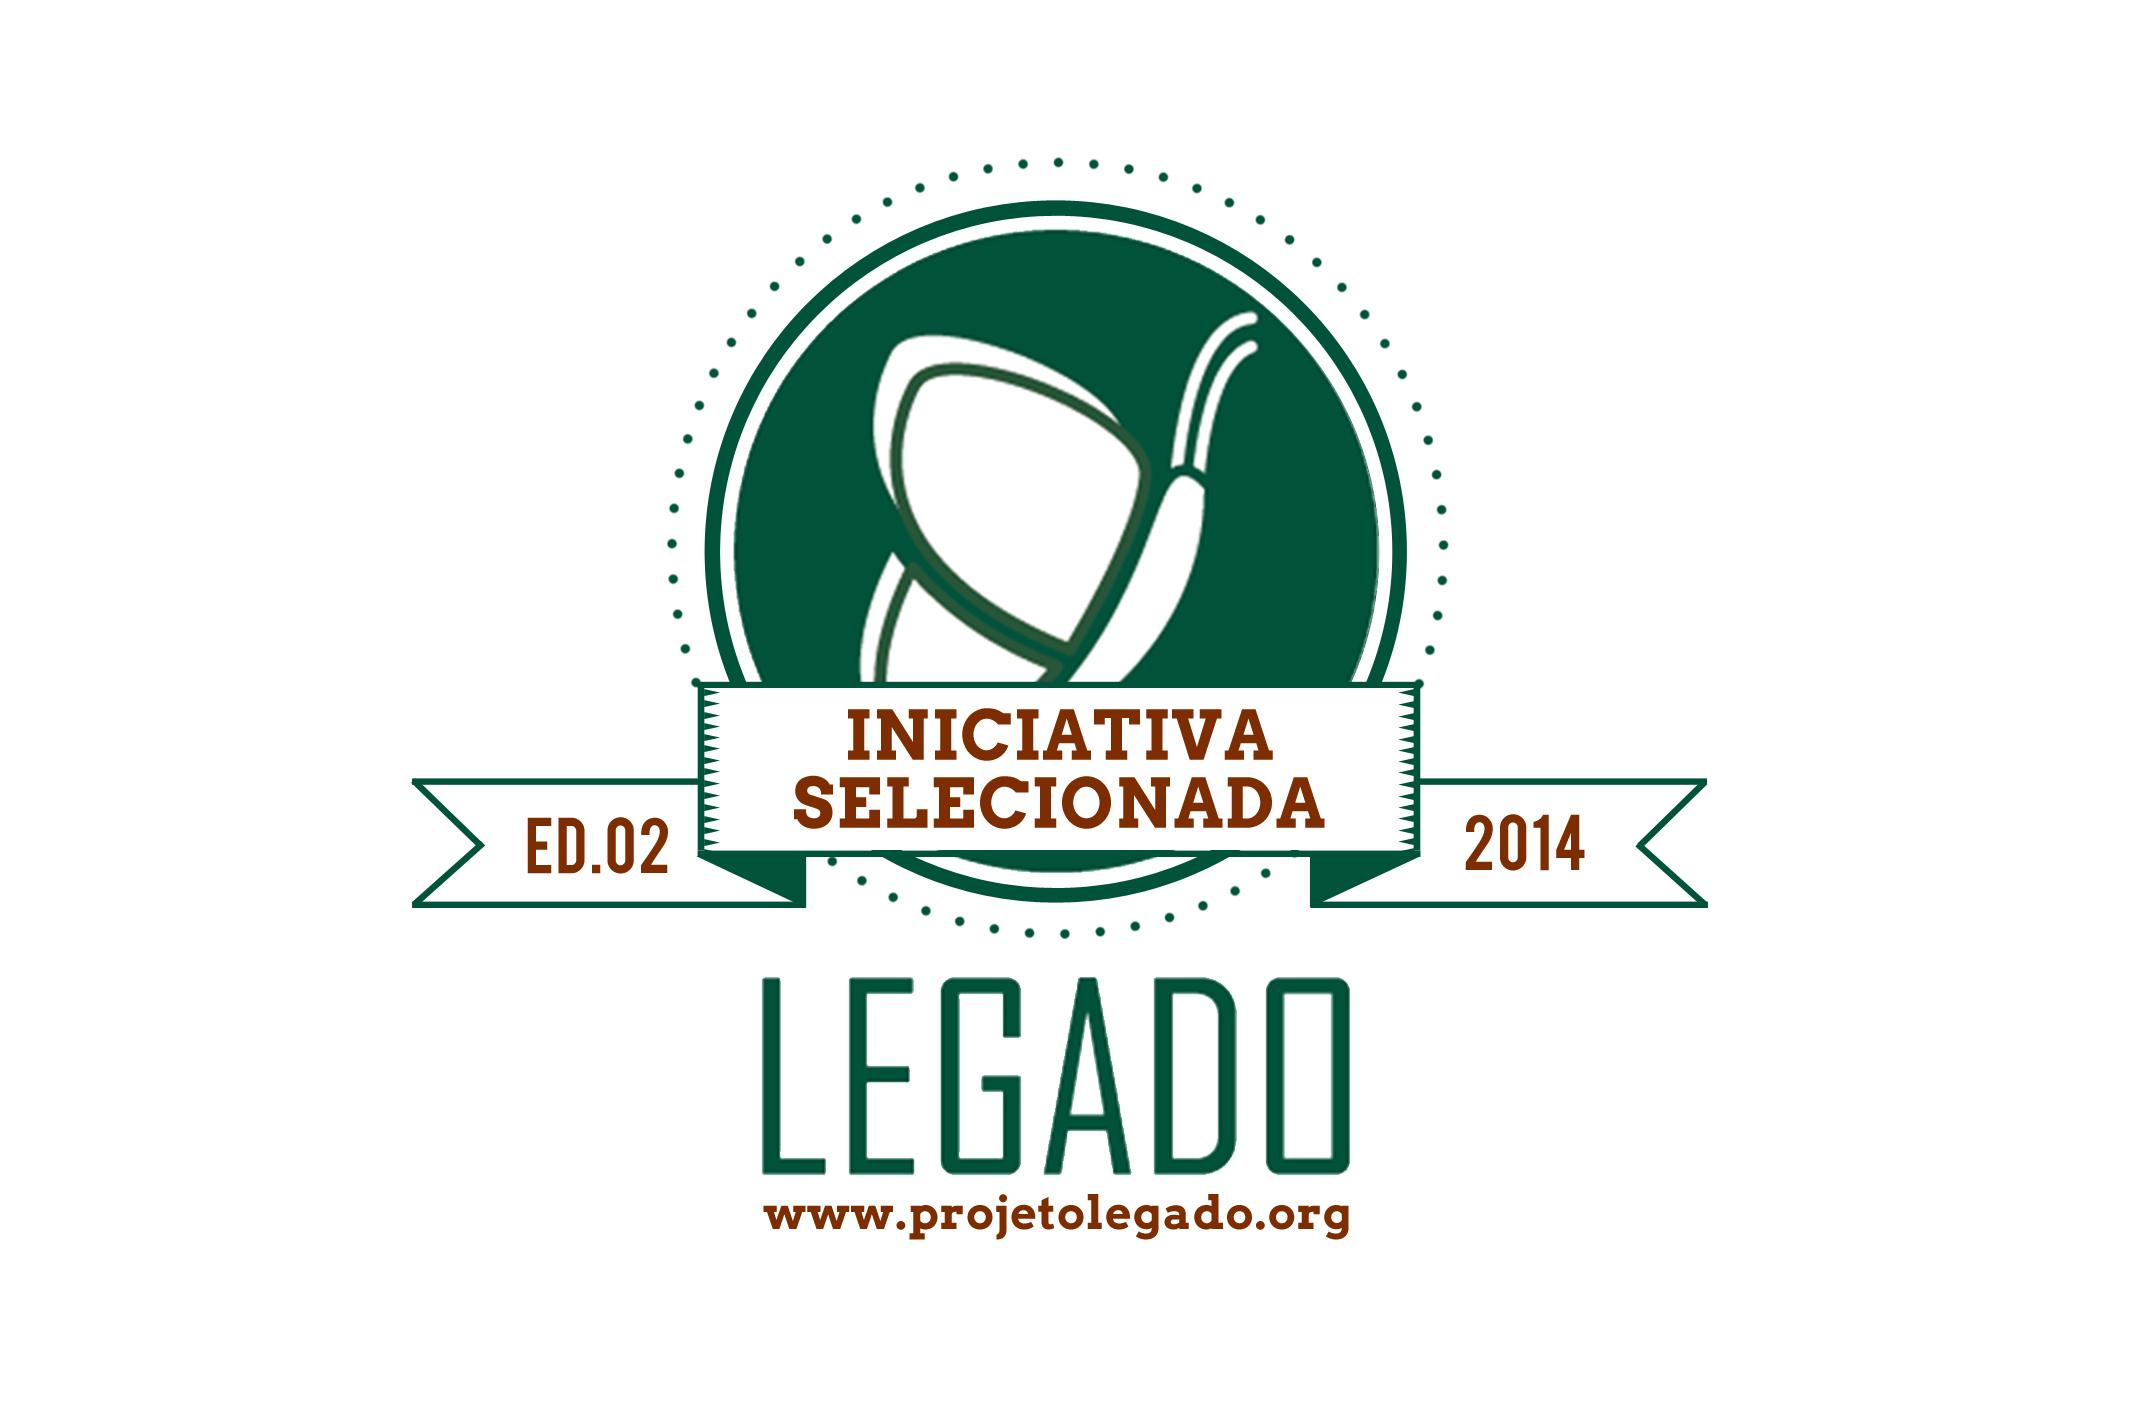 Projeto Legado 2014